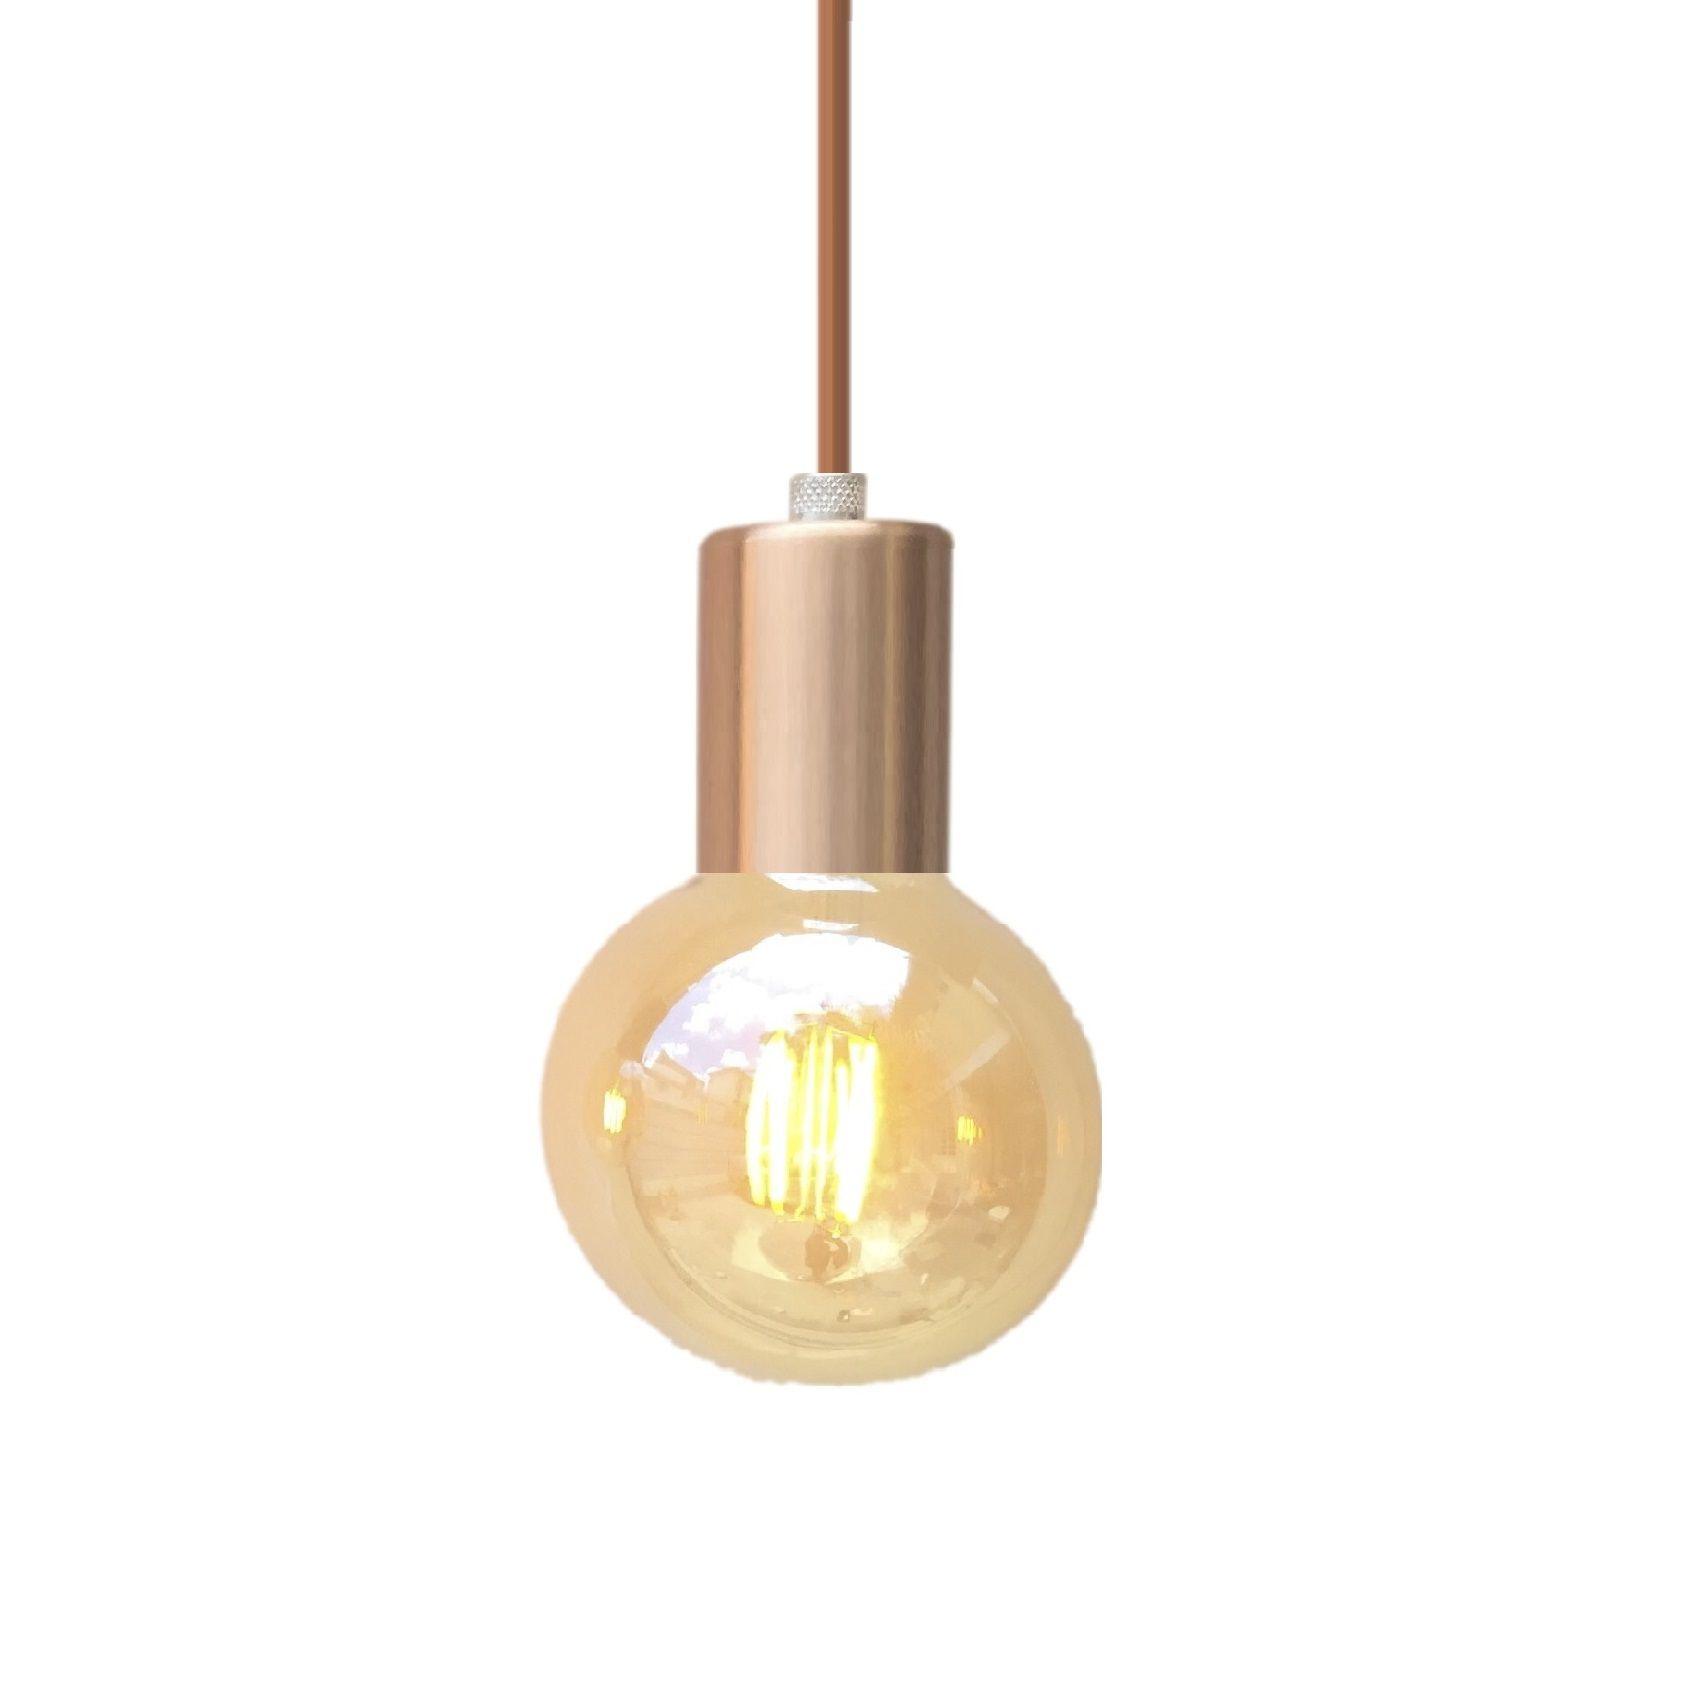 Lustre Pendente Metálico Dourado  - ZOLT luminárias